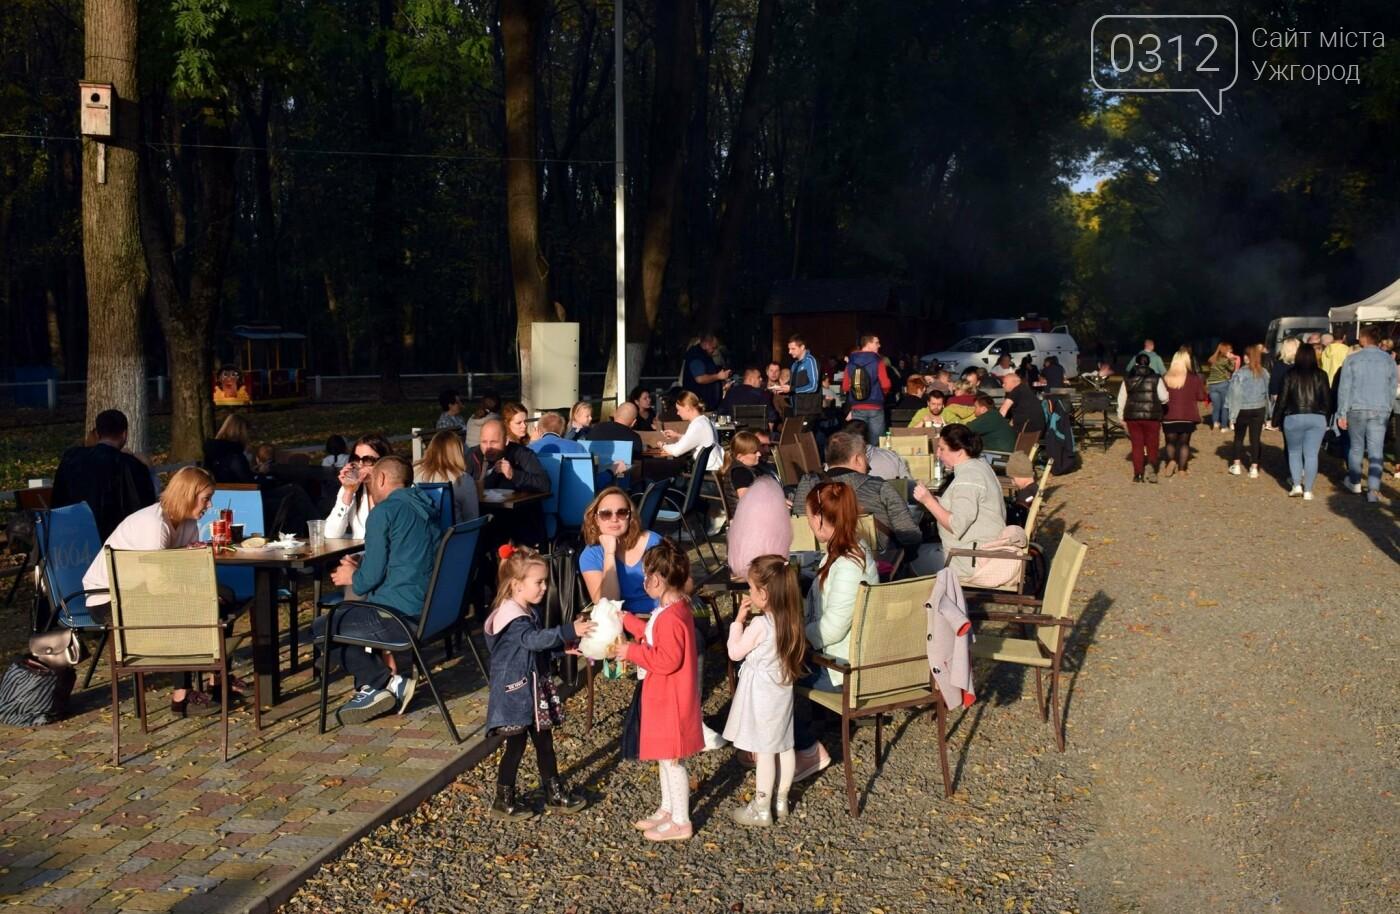 «Бабине літо» в Ужгороді: смачно і по-дитячому весело (ФОТОРЕПОРТАЖ), фото-13